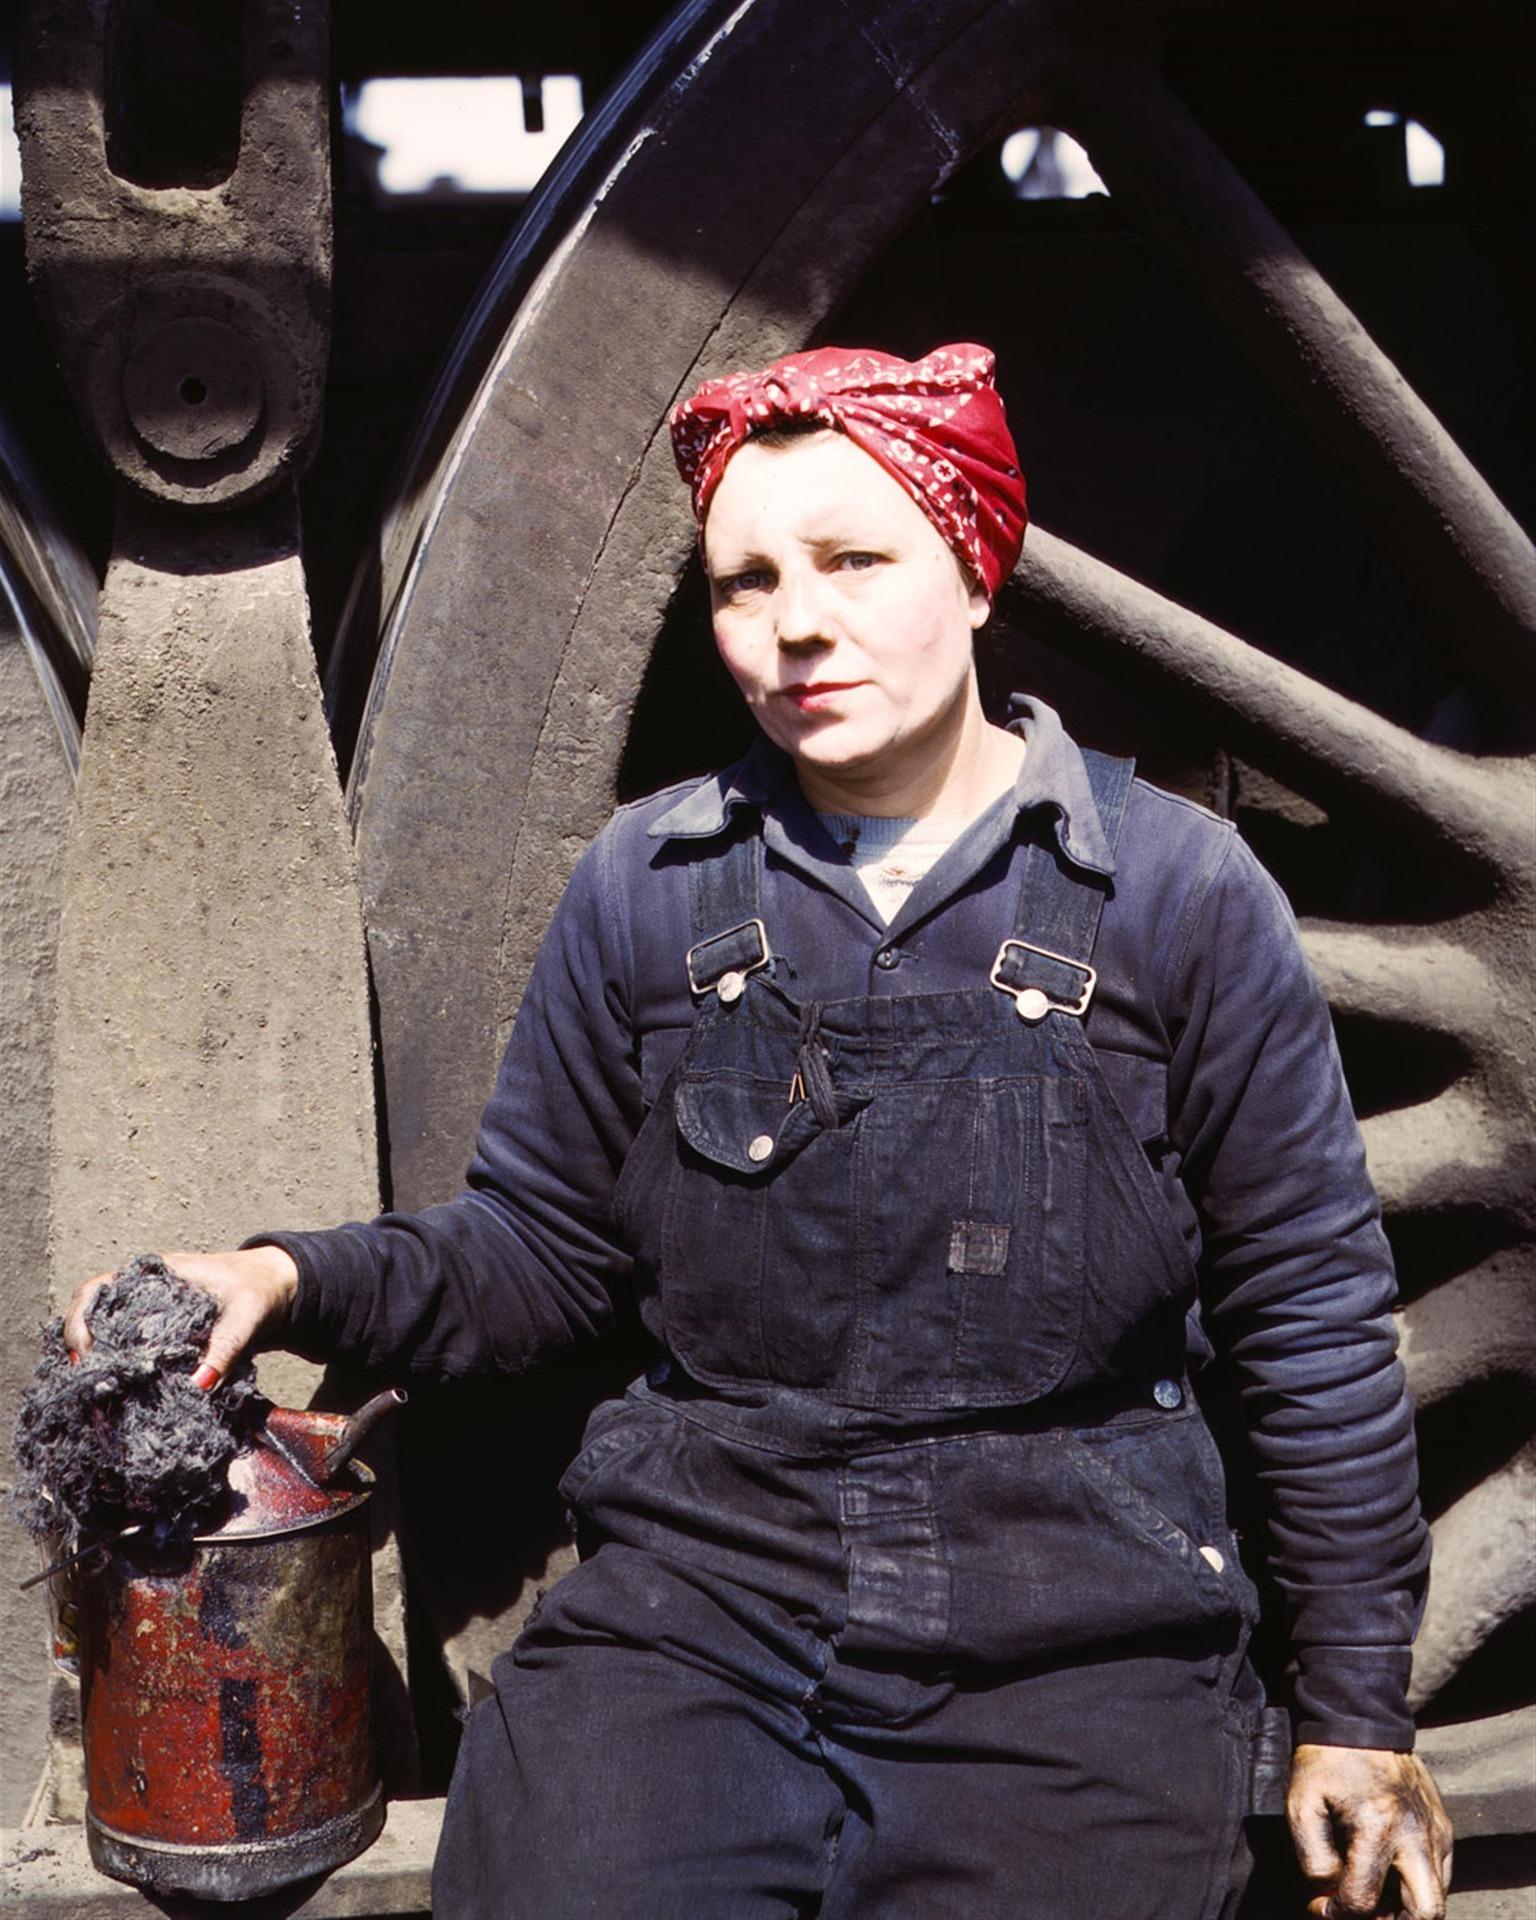 mujer trabaja en una fábrica